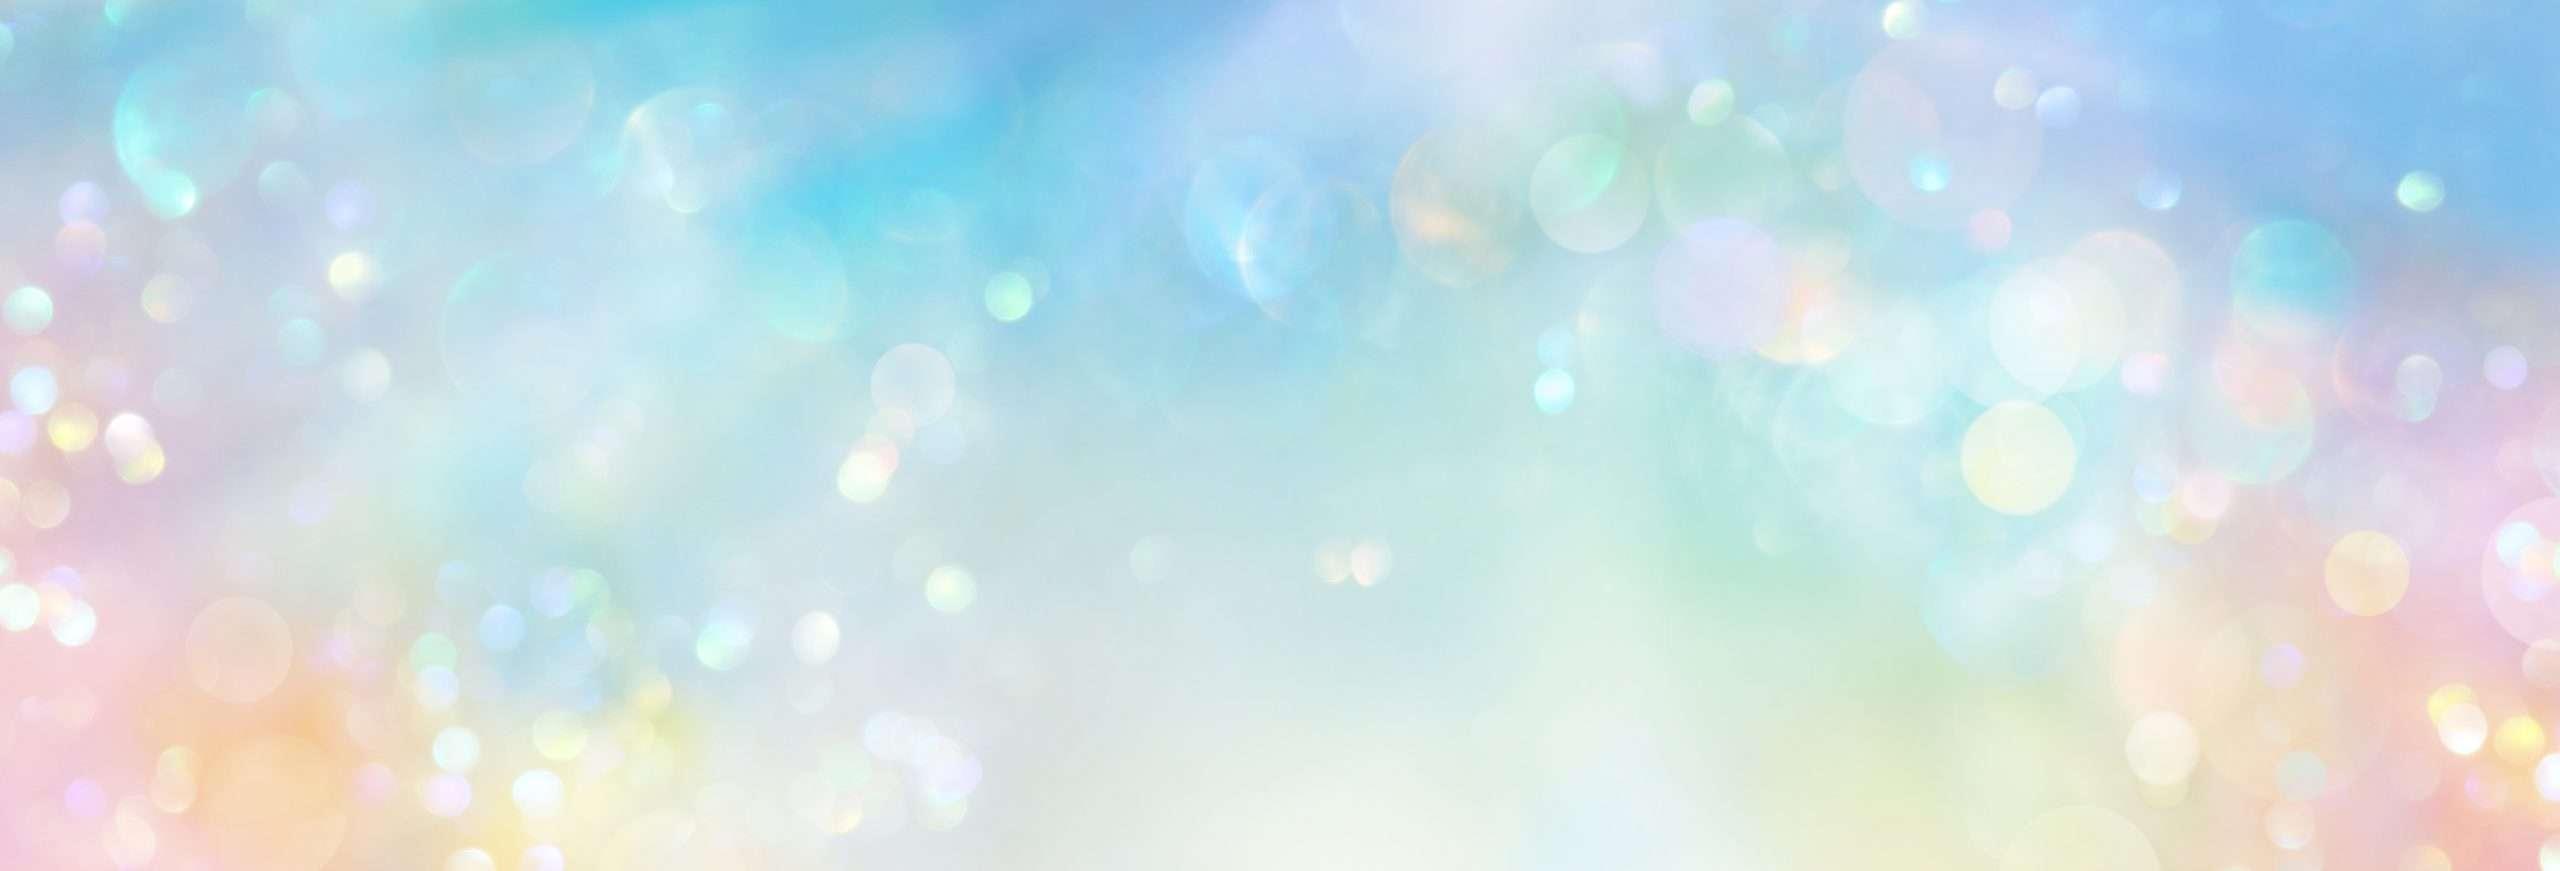 bewustzijn en verlichting